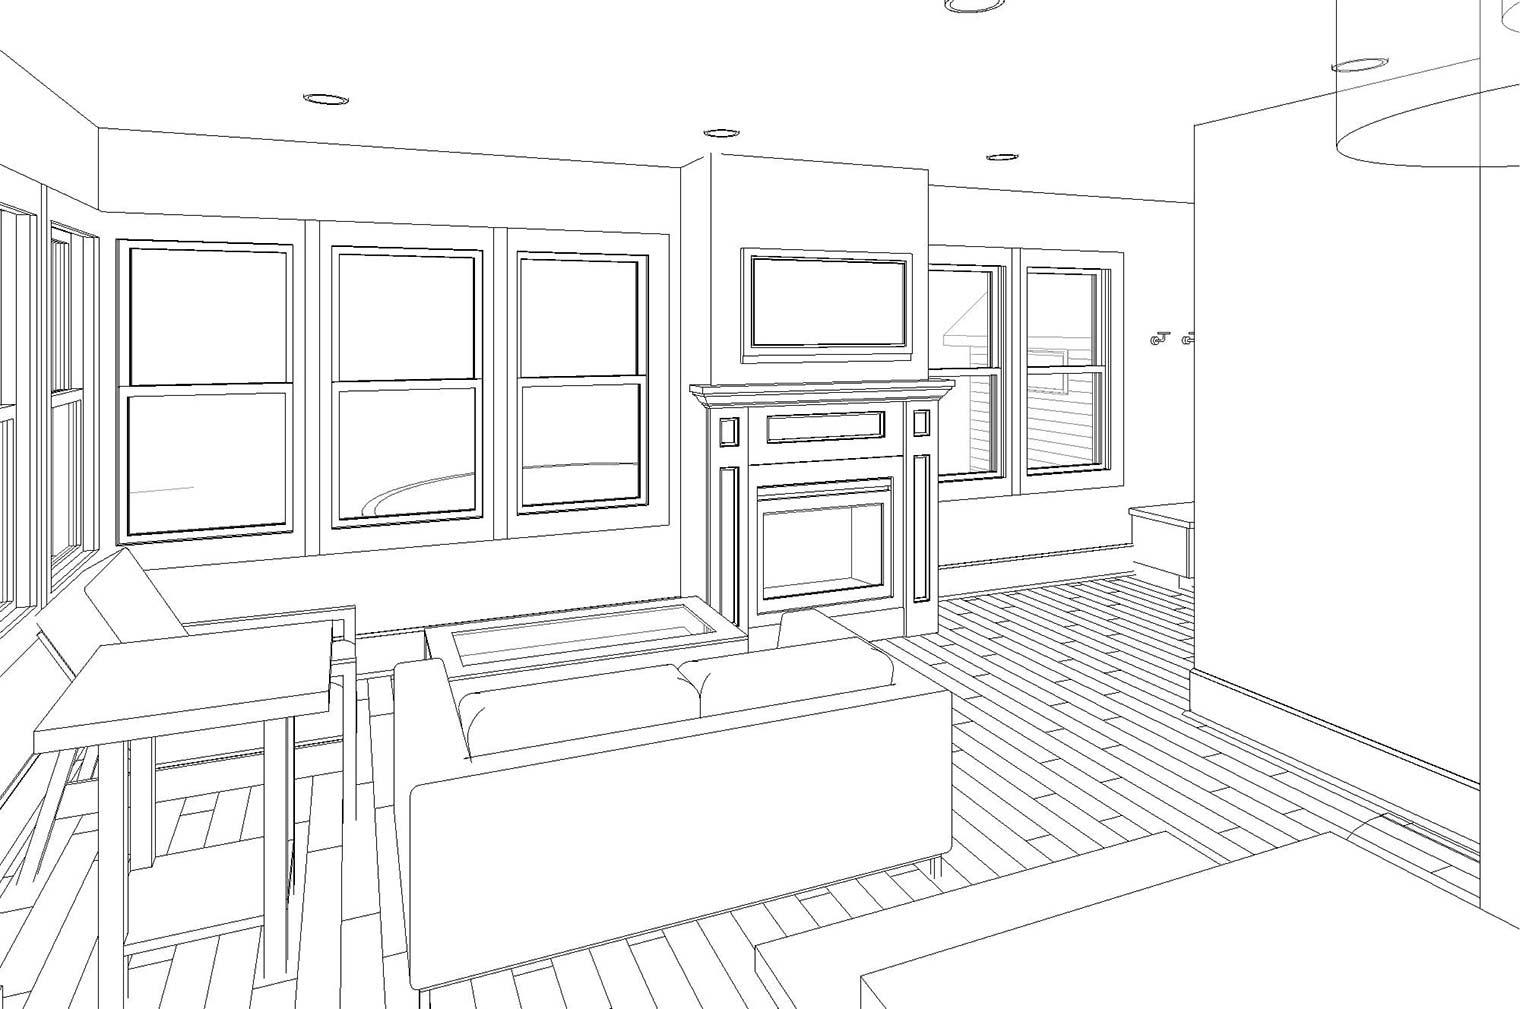 Craftsman House Bedroom Remodel, Kitchen Expansion